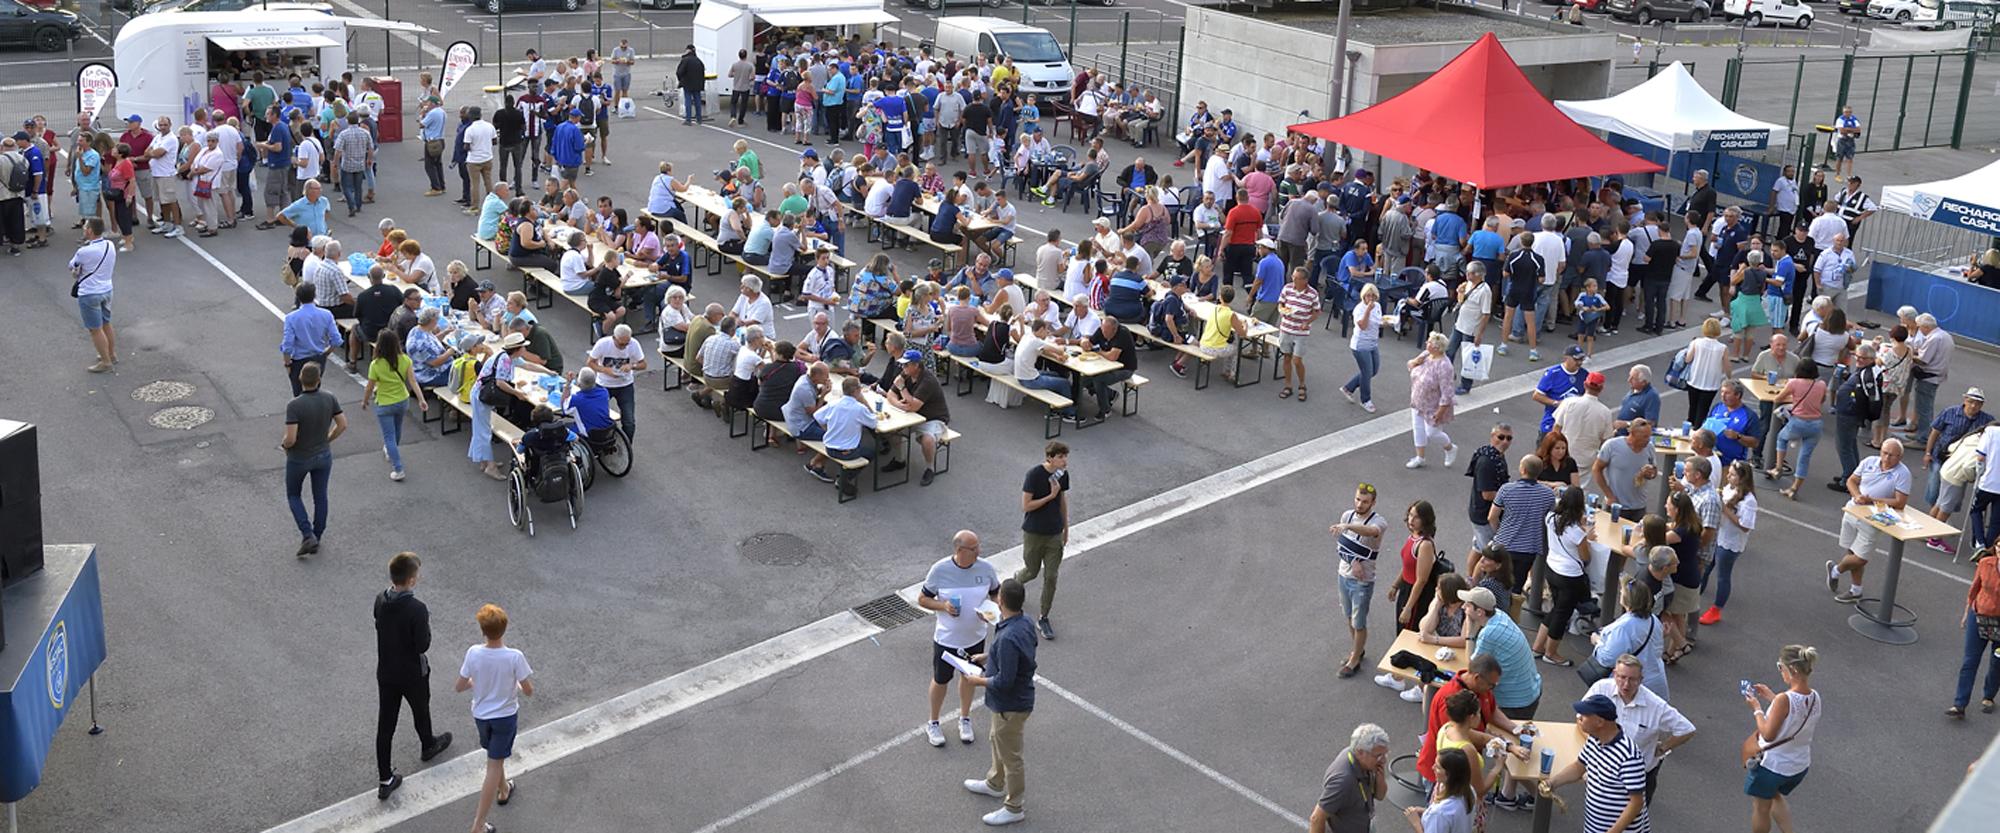 Les fans Troyens sur le parvis du stade de l'Aube pour la journée des abonnés.